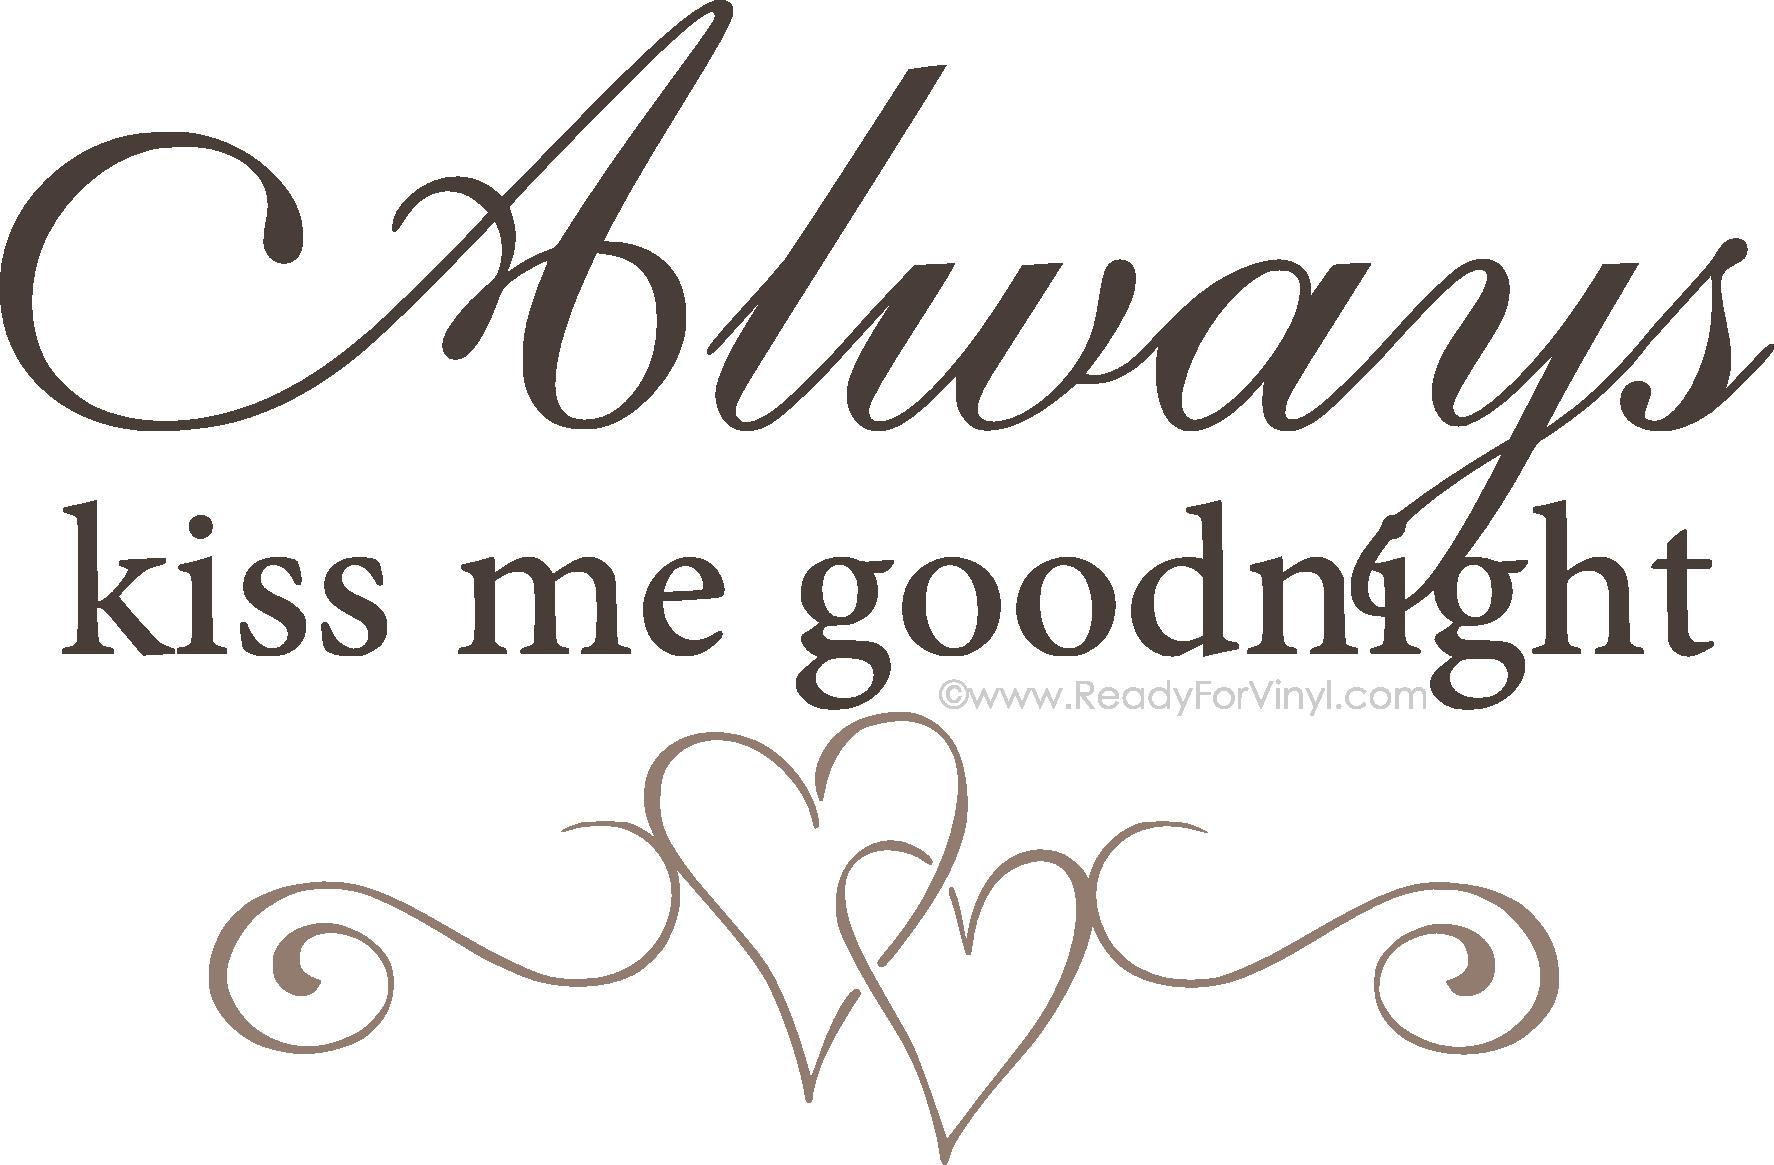 Kiss clipart good night kiss. Always me goodnight wall